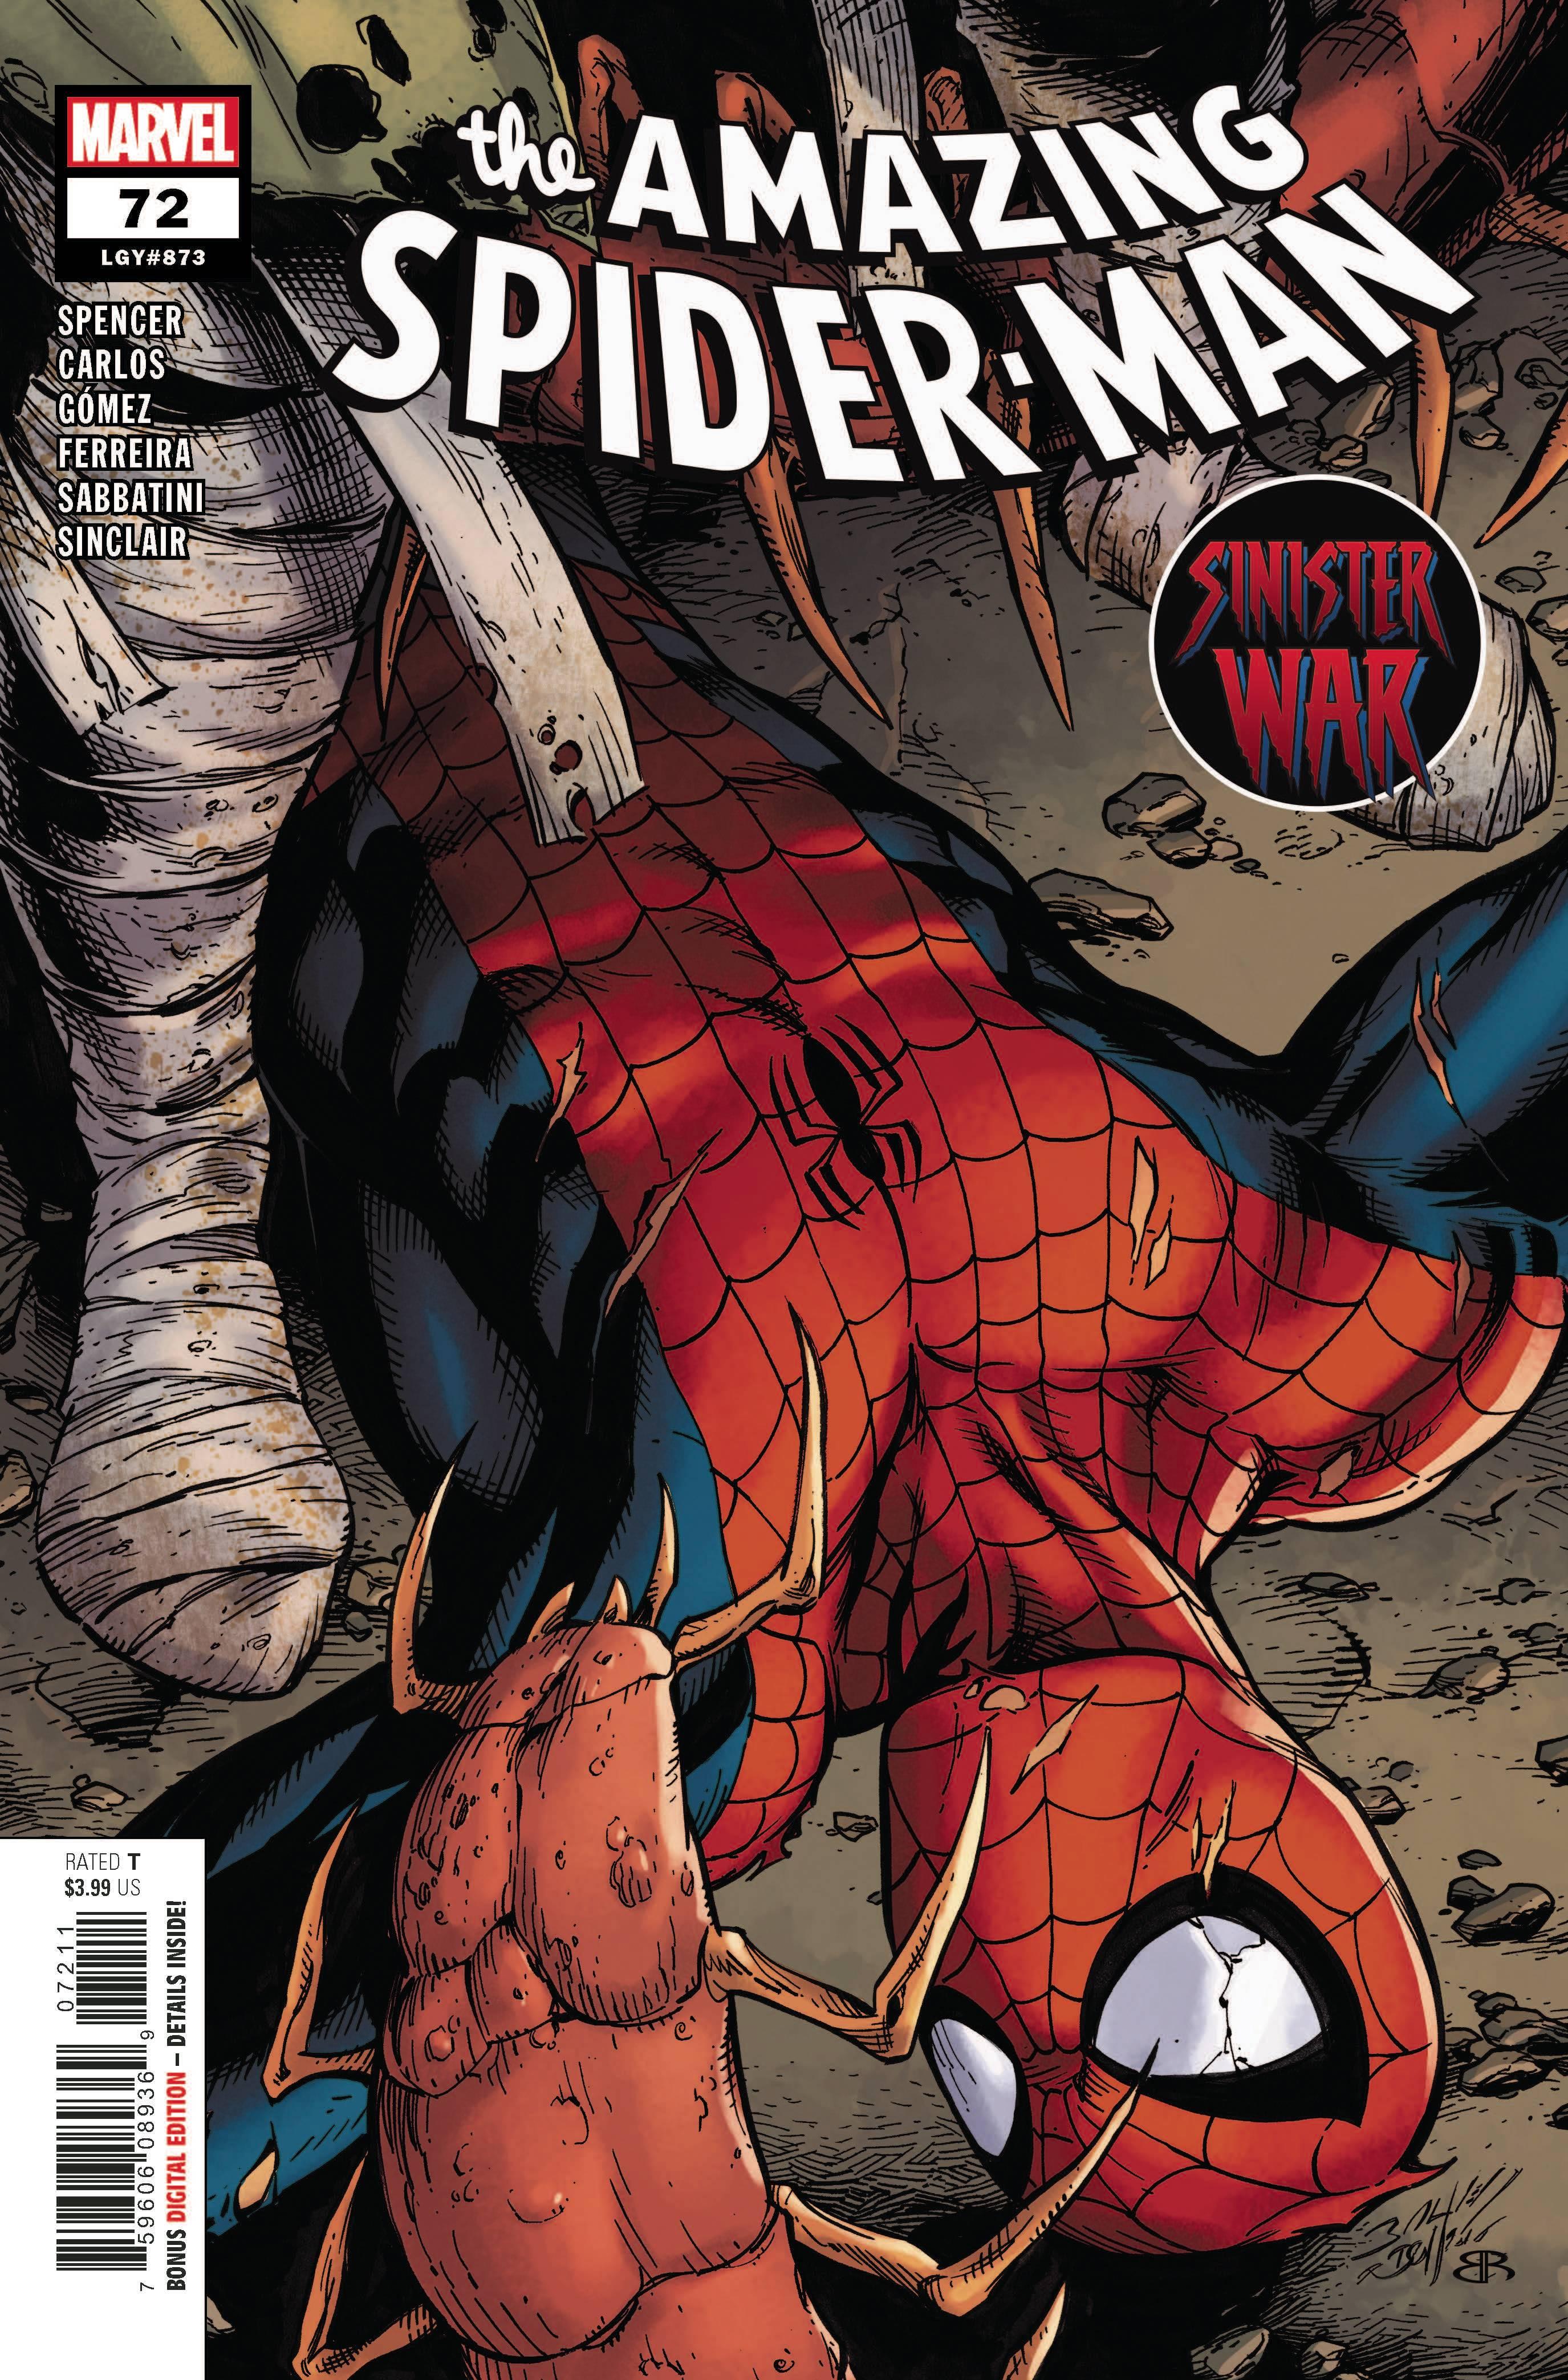 AMAZING SPIDER-MAN #72 SINW